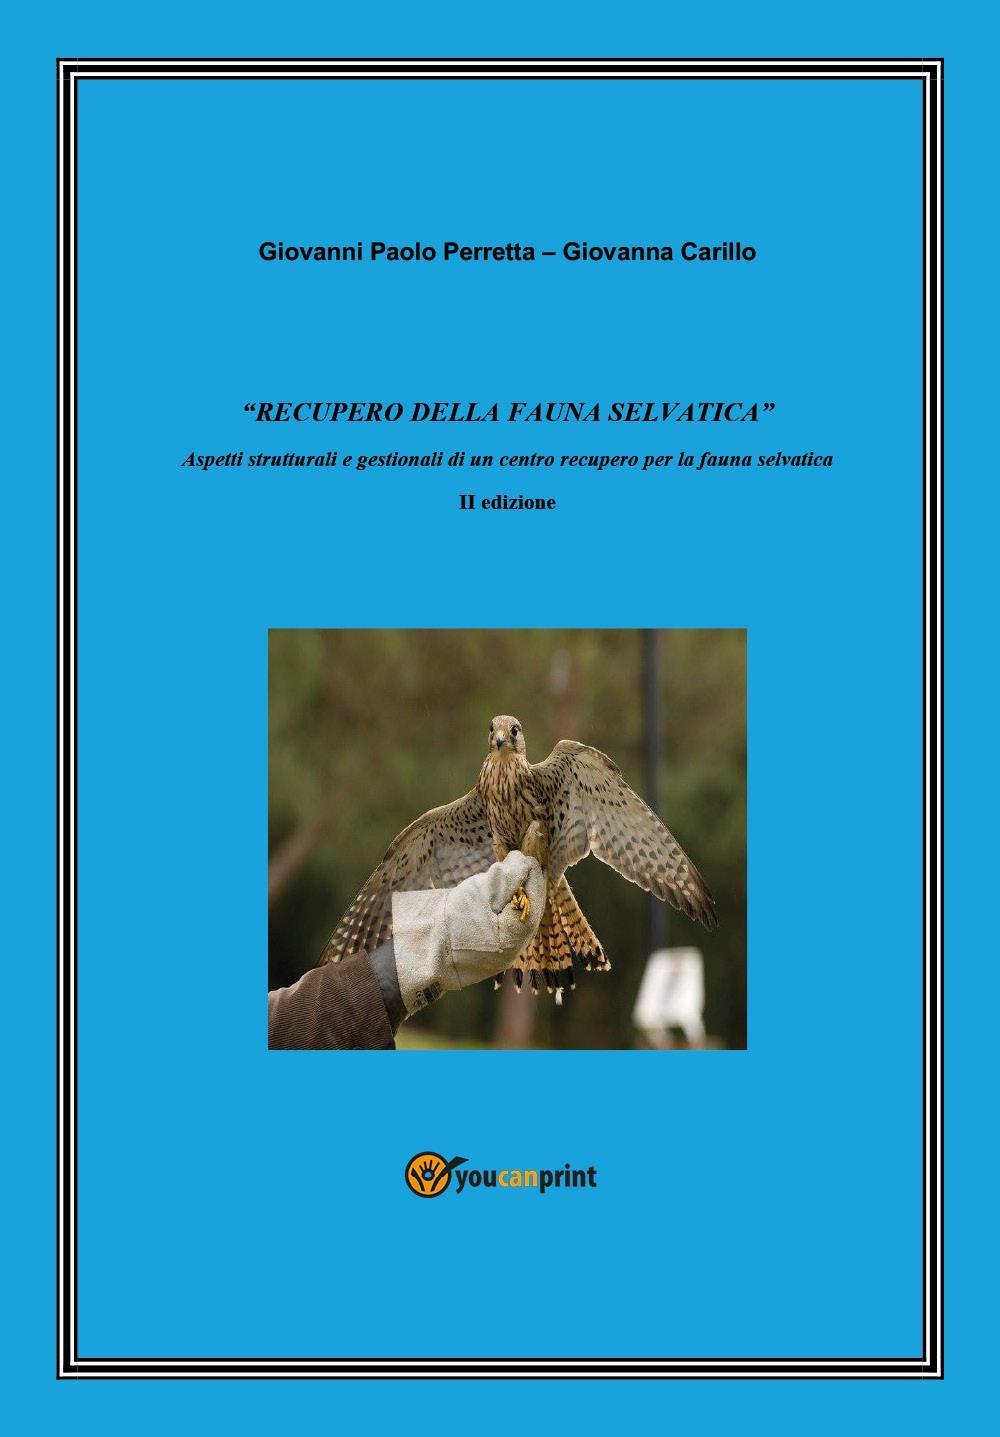 Recupero della fauna selvatica. Aspetti strutturali e gestionali di un centro recupero fauna selvatica